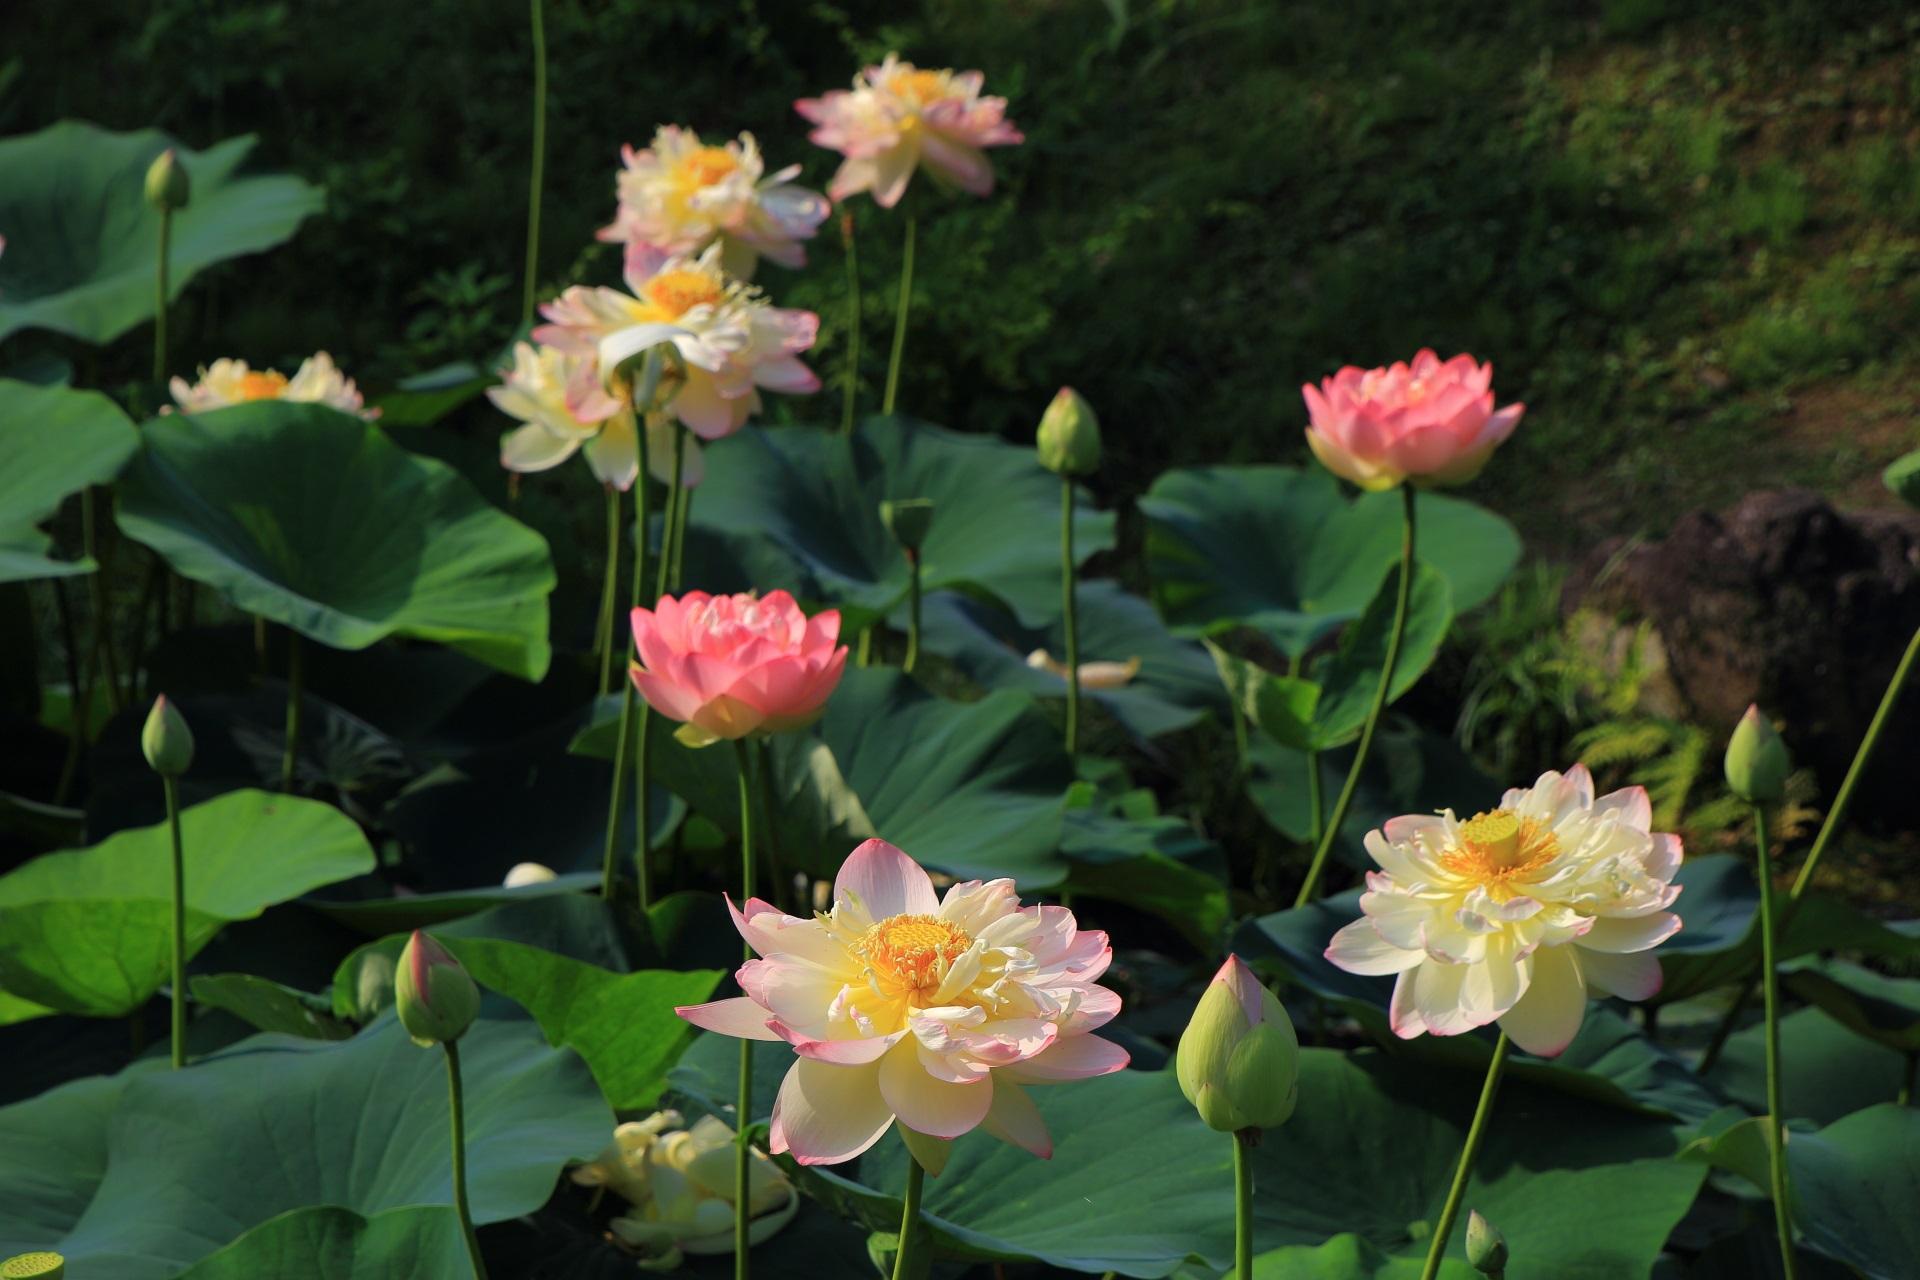 満開の蓮の花にそまった智積院(ちしゃくいん)